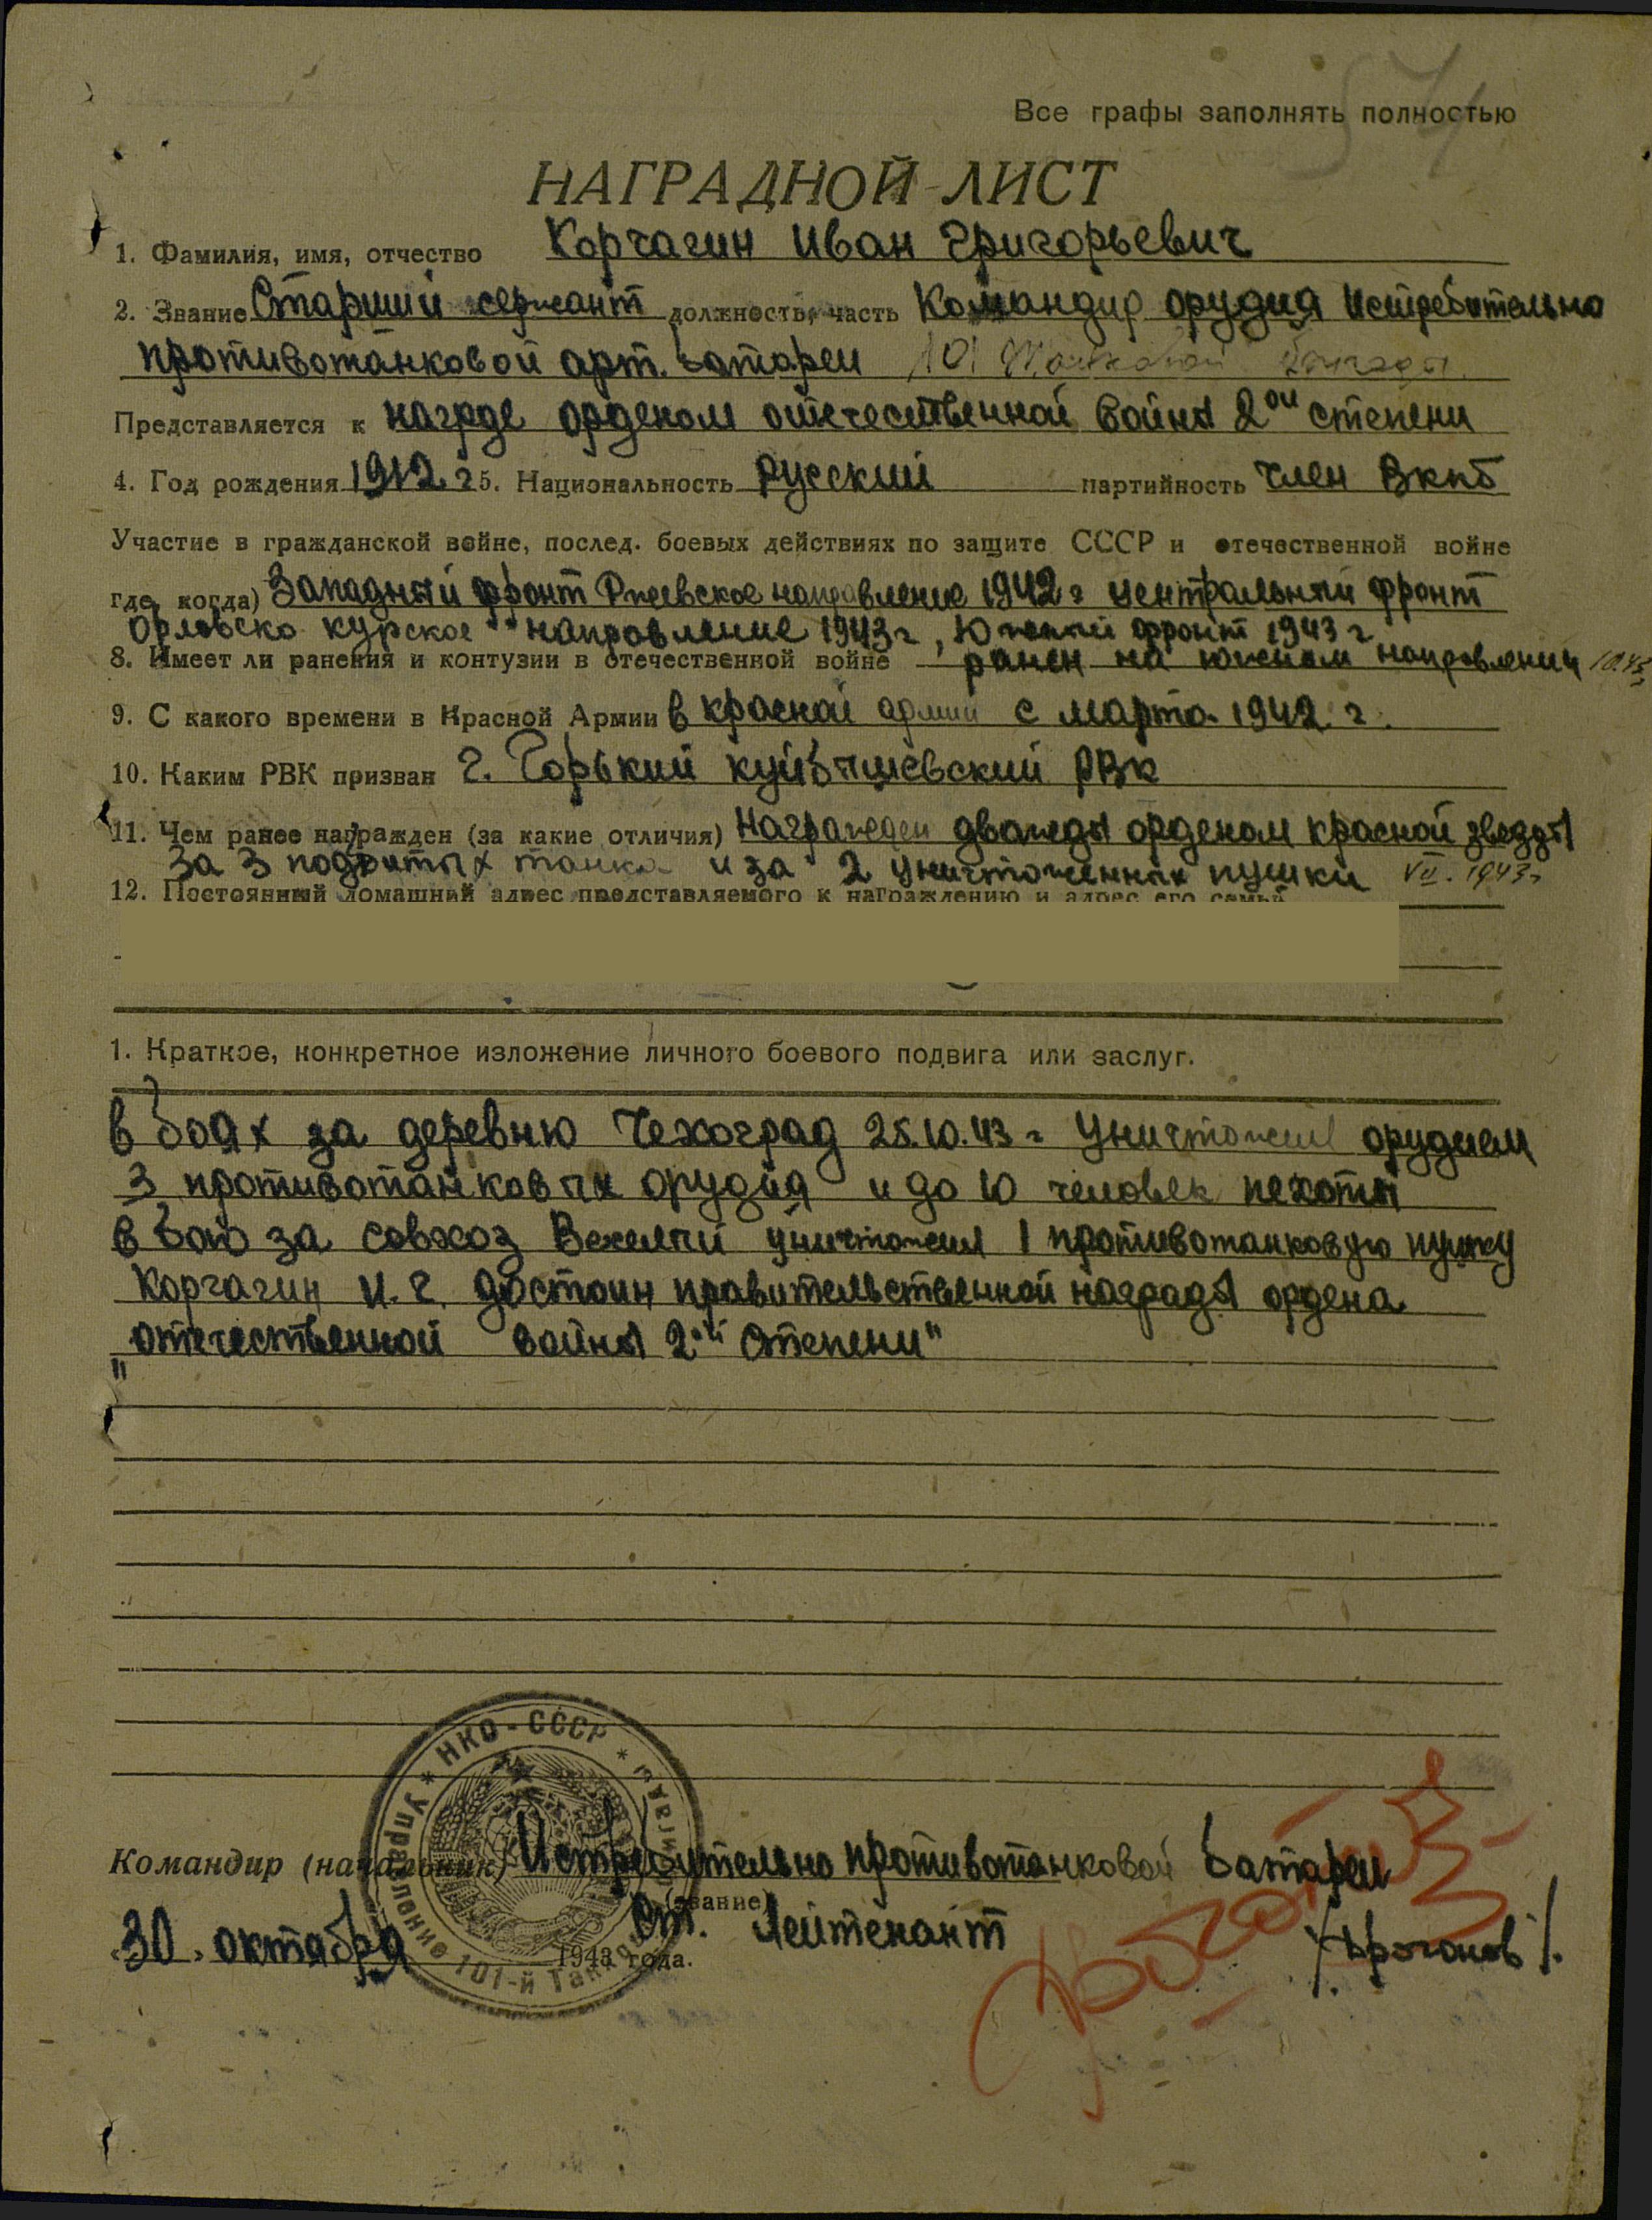 Наградной лист Корчагина Ивана Григорьевича о представлении к награждению орденом Отечественной войны II степени